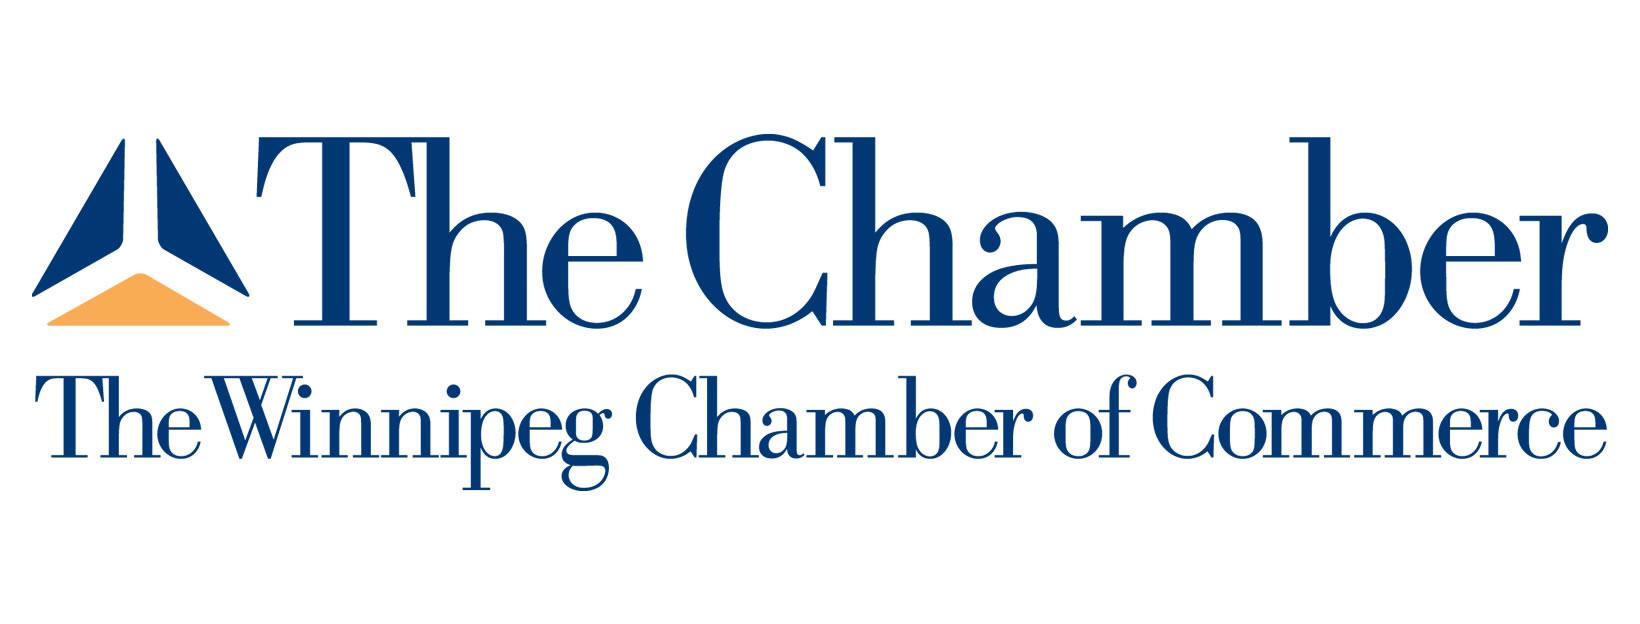 winnipeg-chamber-of-commerce-logo